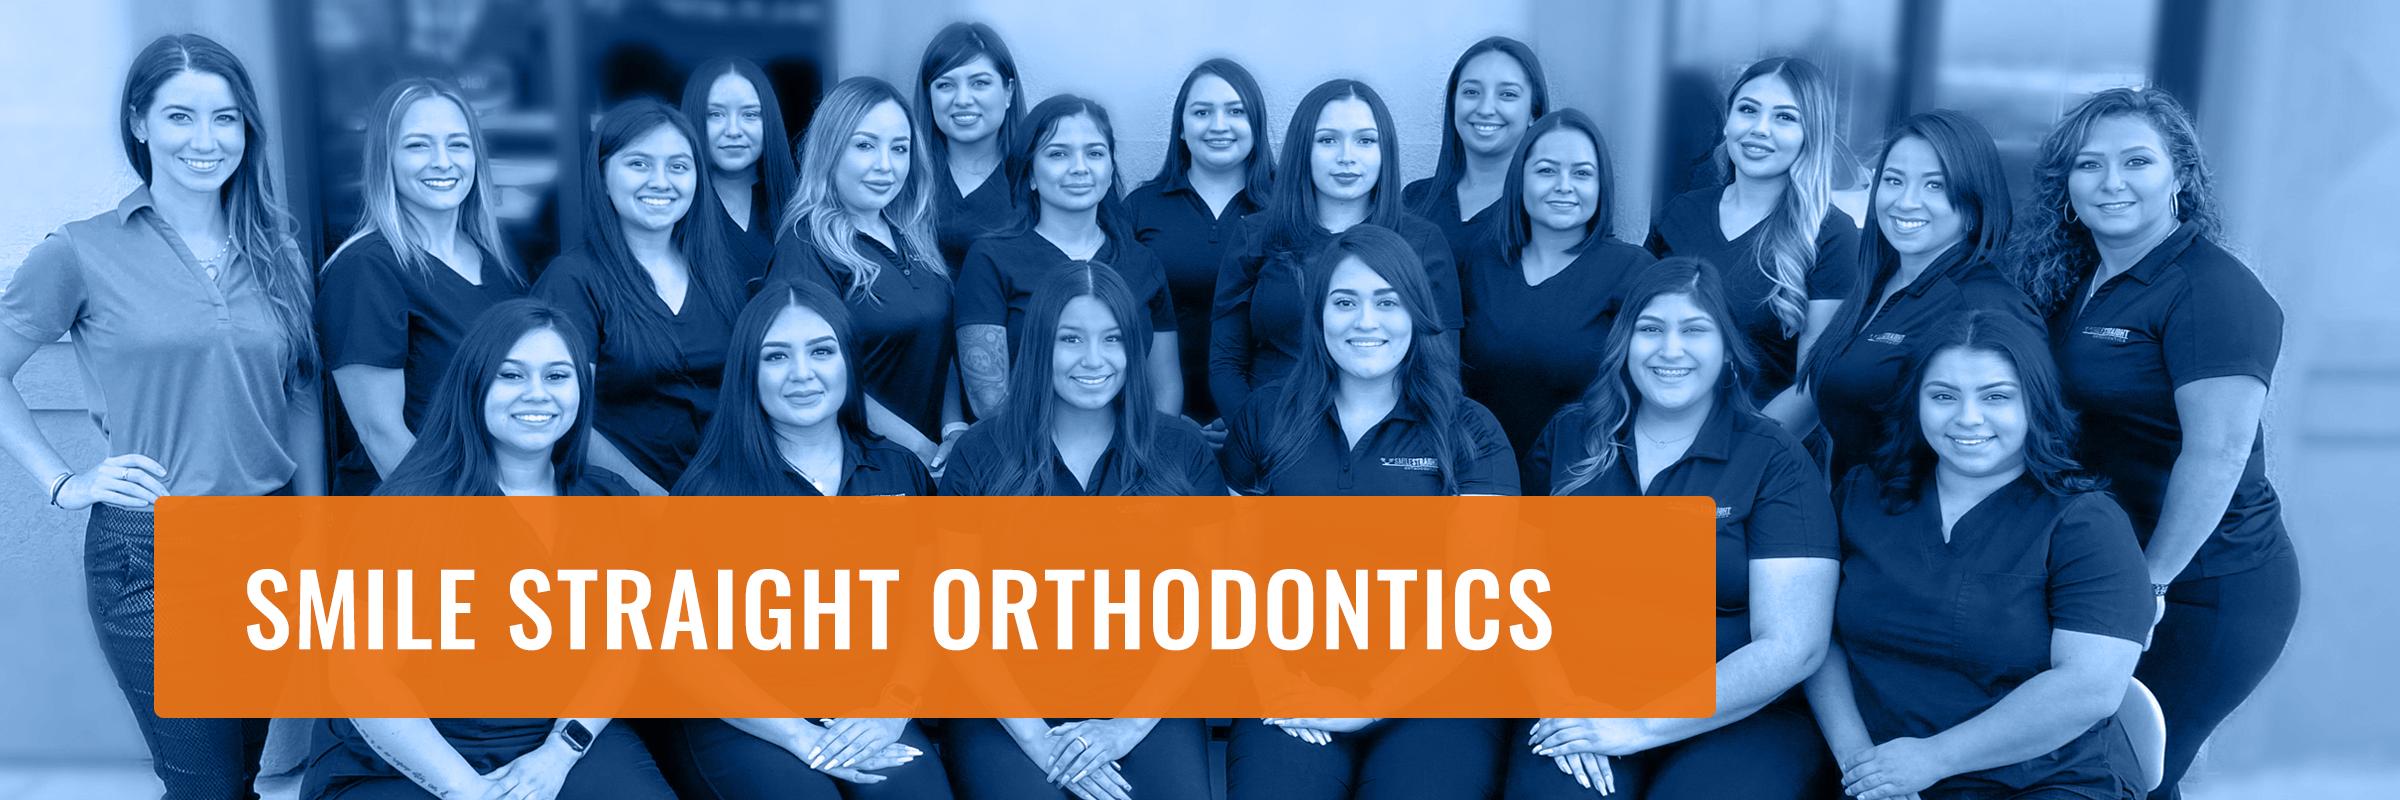 Smile Straight Ortho Team